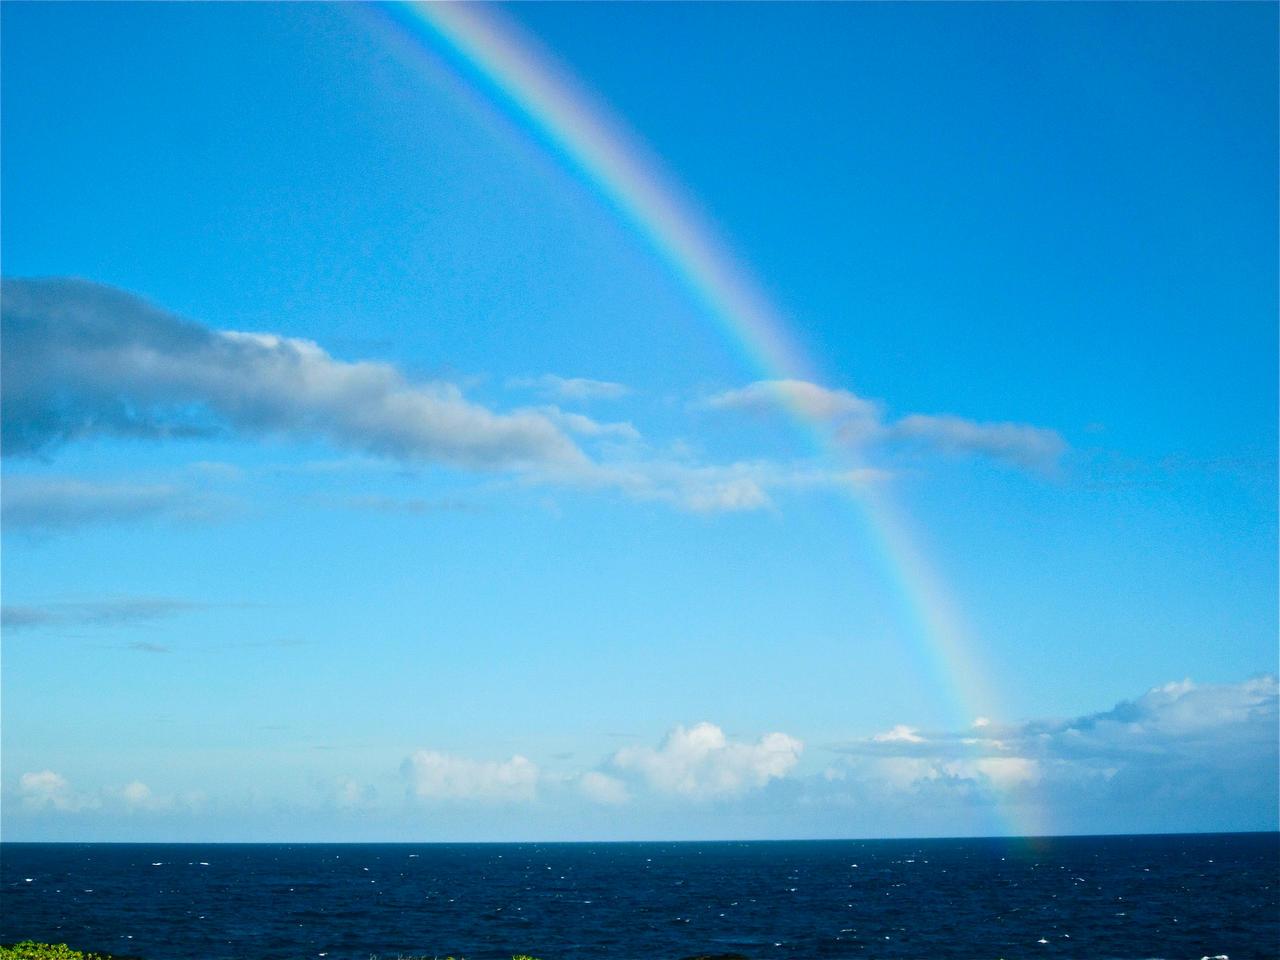 rainbow by tomboyrulez99